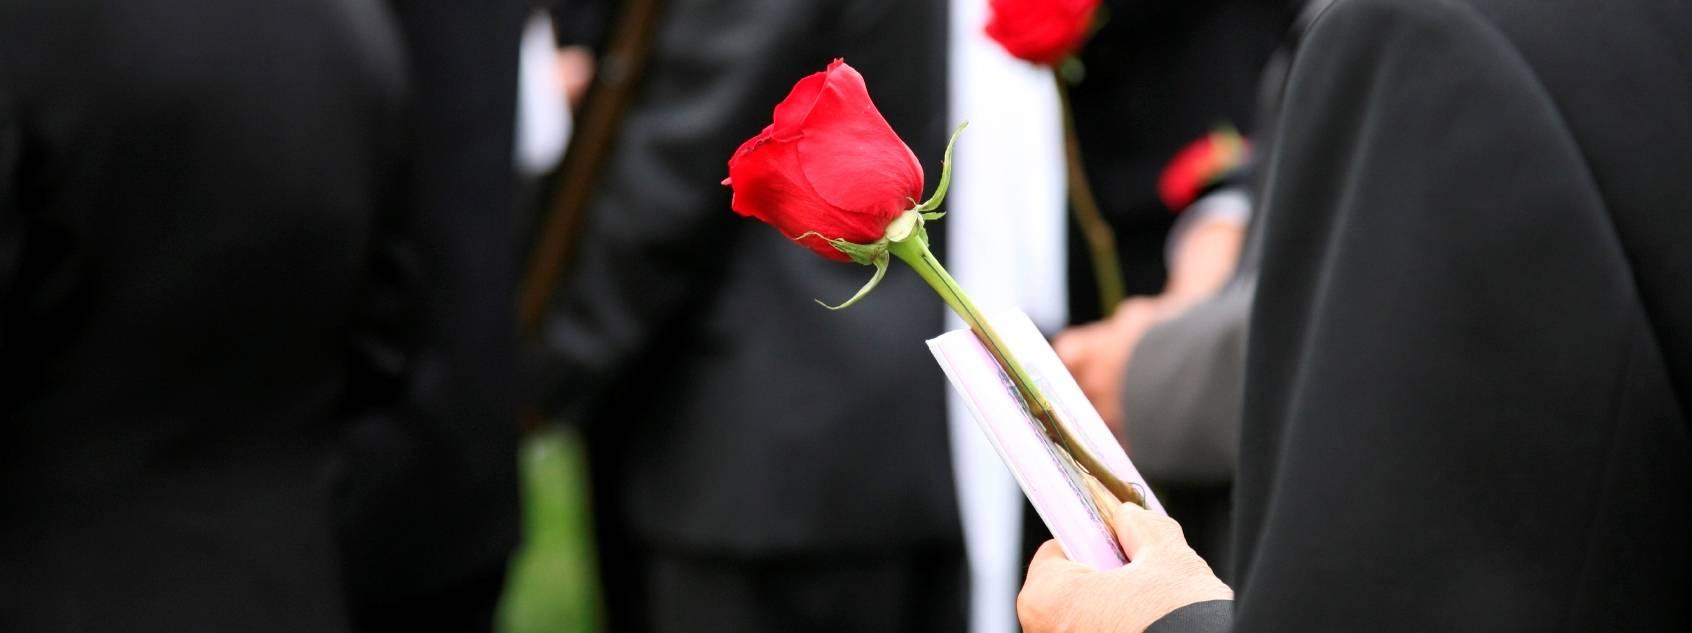 Приметы связанные с похоронами — как себя вести